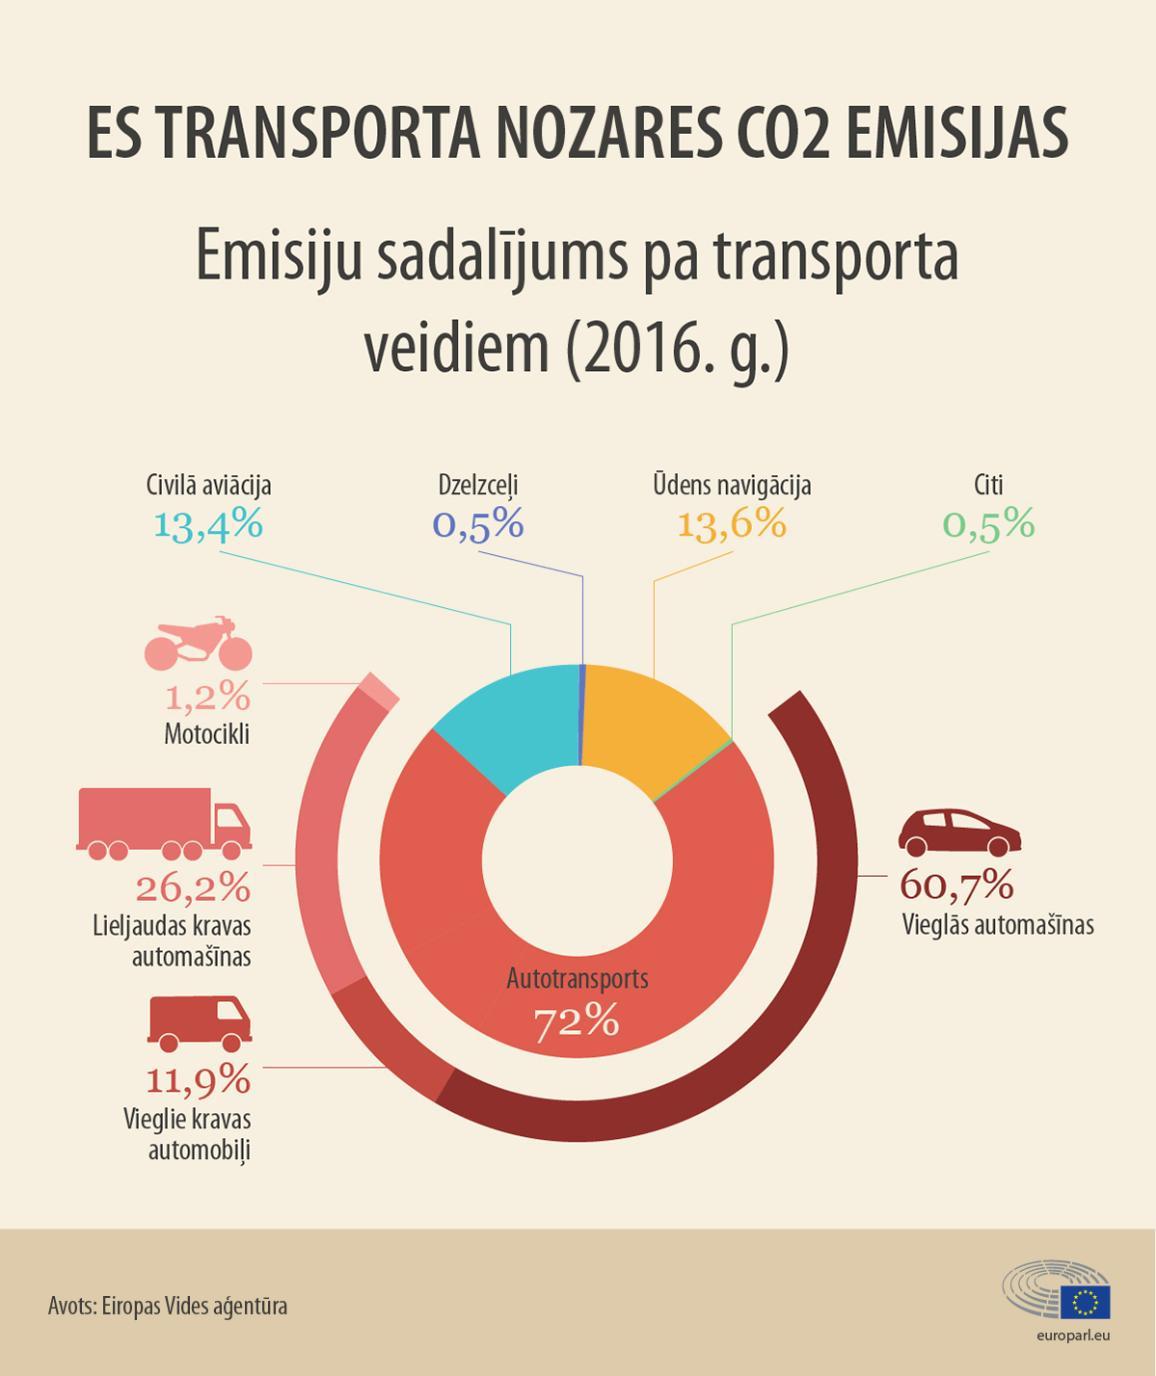 Infografika:  Pasažieru automobiļi ir veido 60% no kopējā transporta radītā CO2 emisiju apjoma Eiropā.